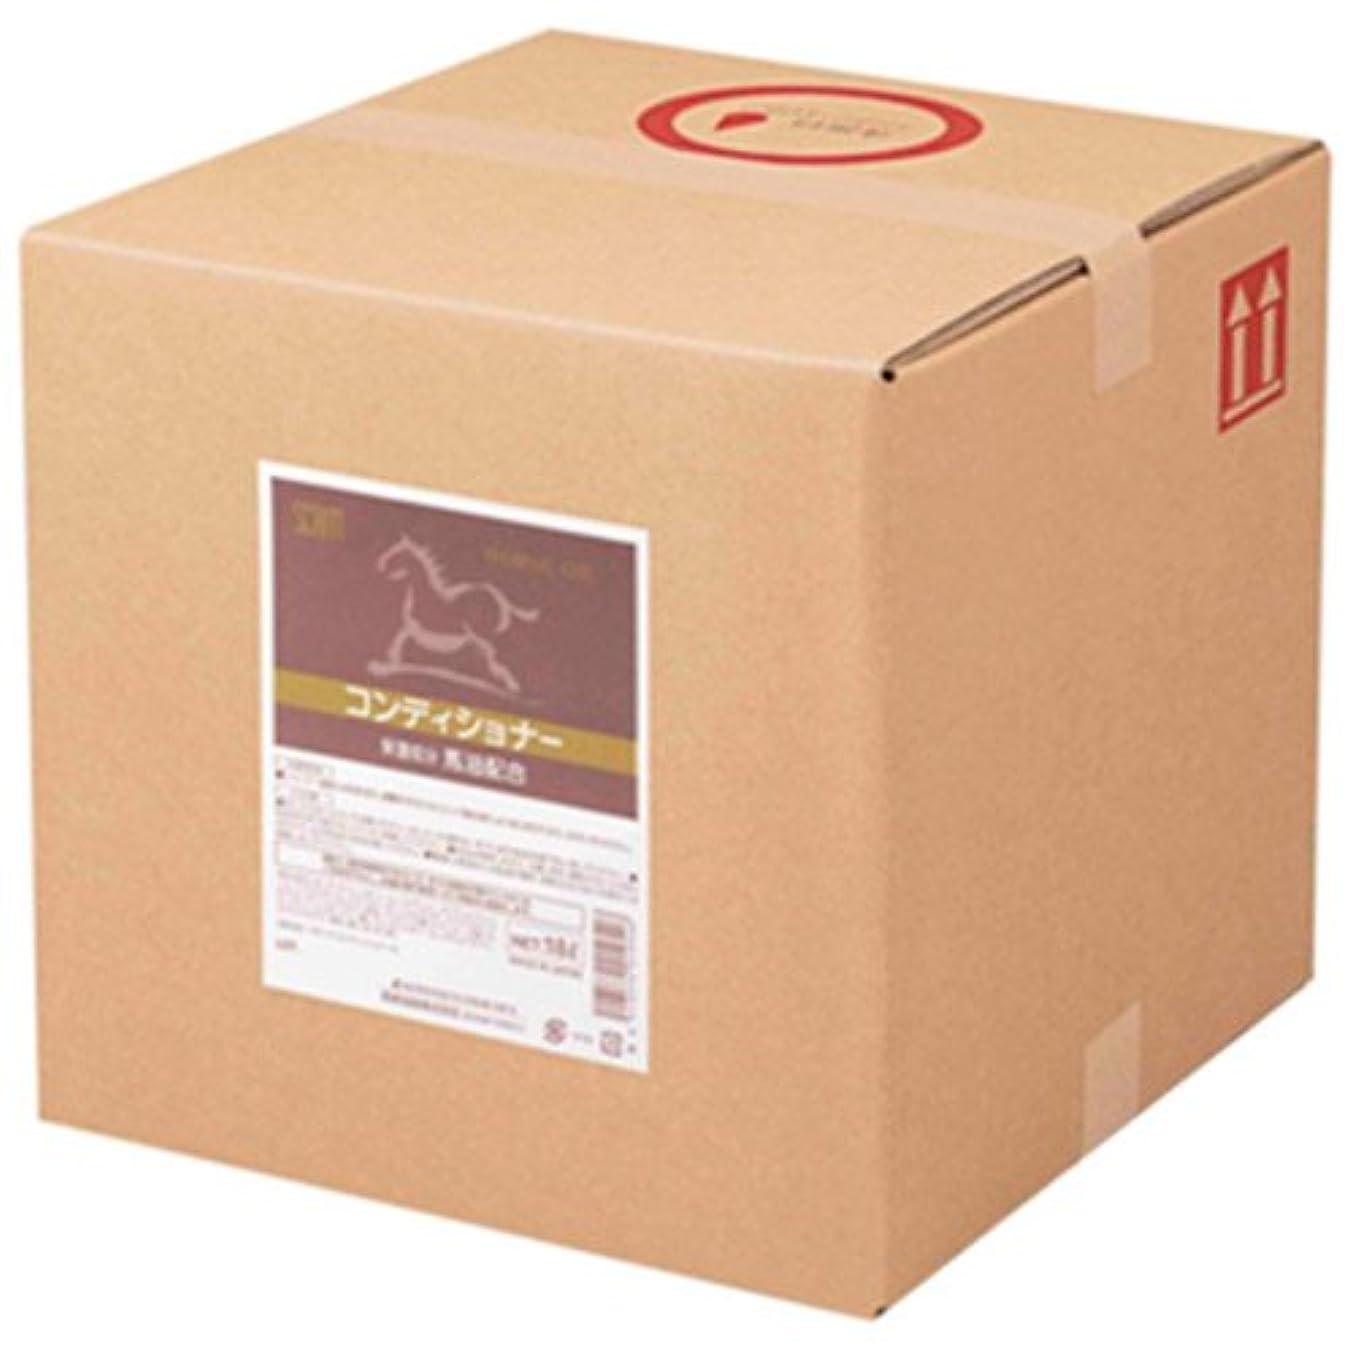 赤字フリース南東熊野油脂 業務用 SCRITT(スクリット) 馬油コンディショナー 18L